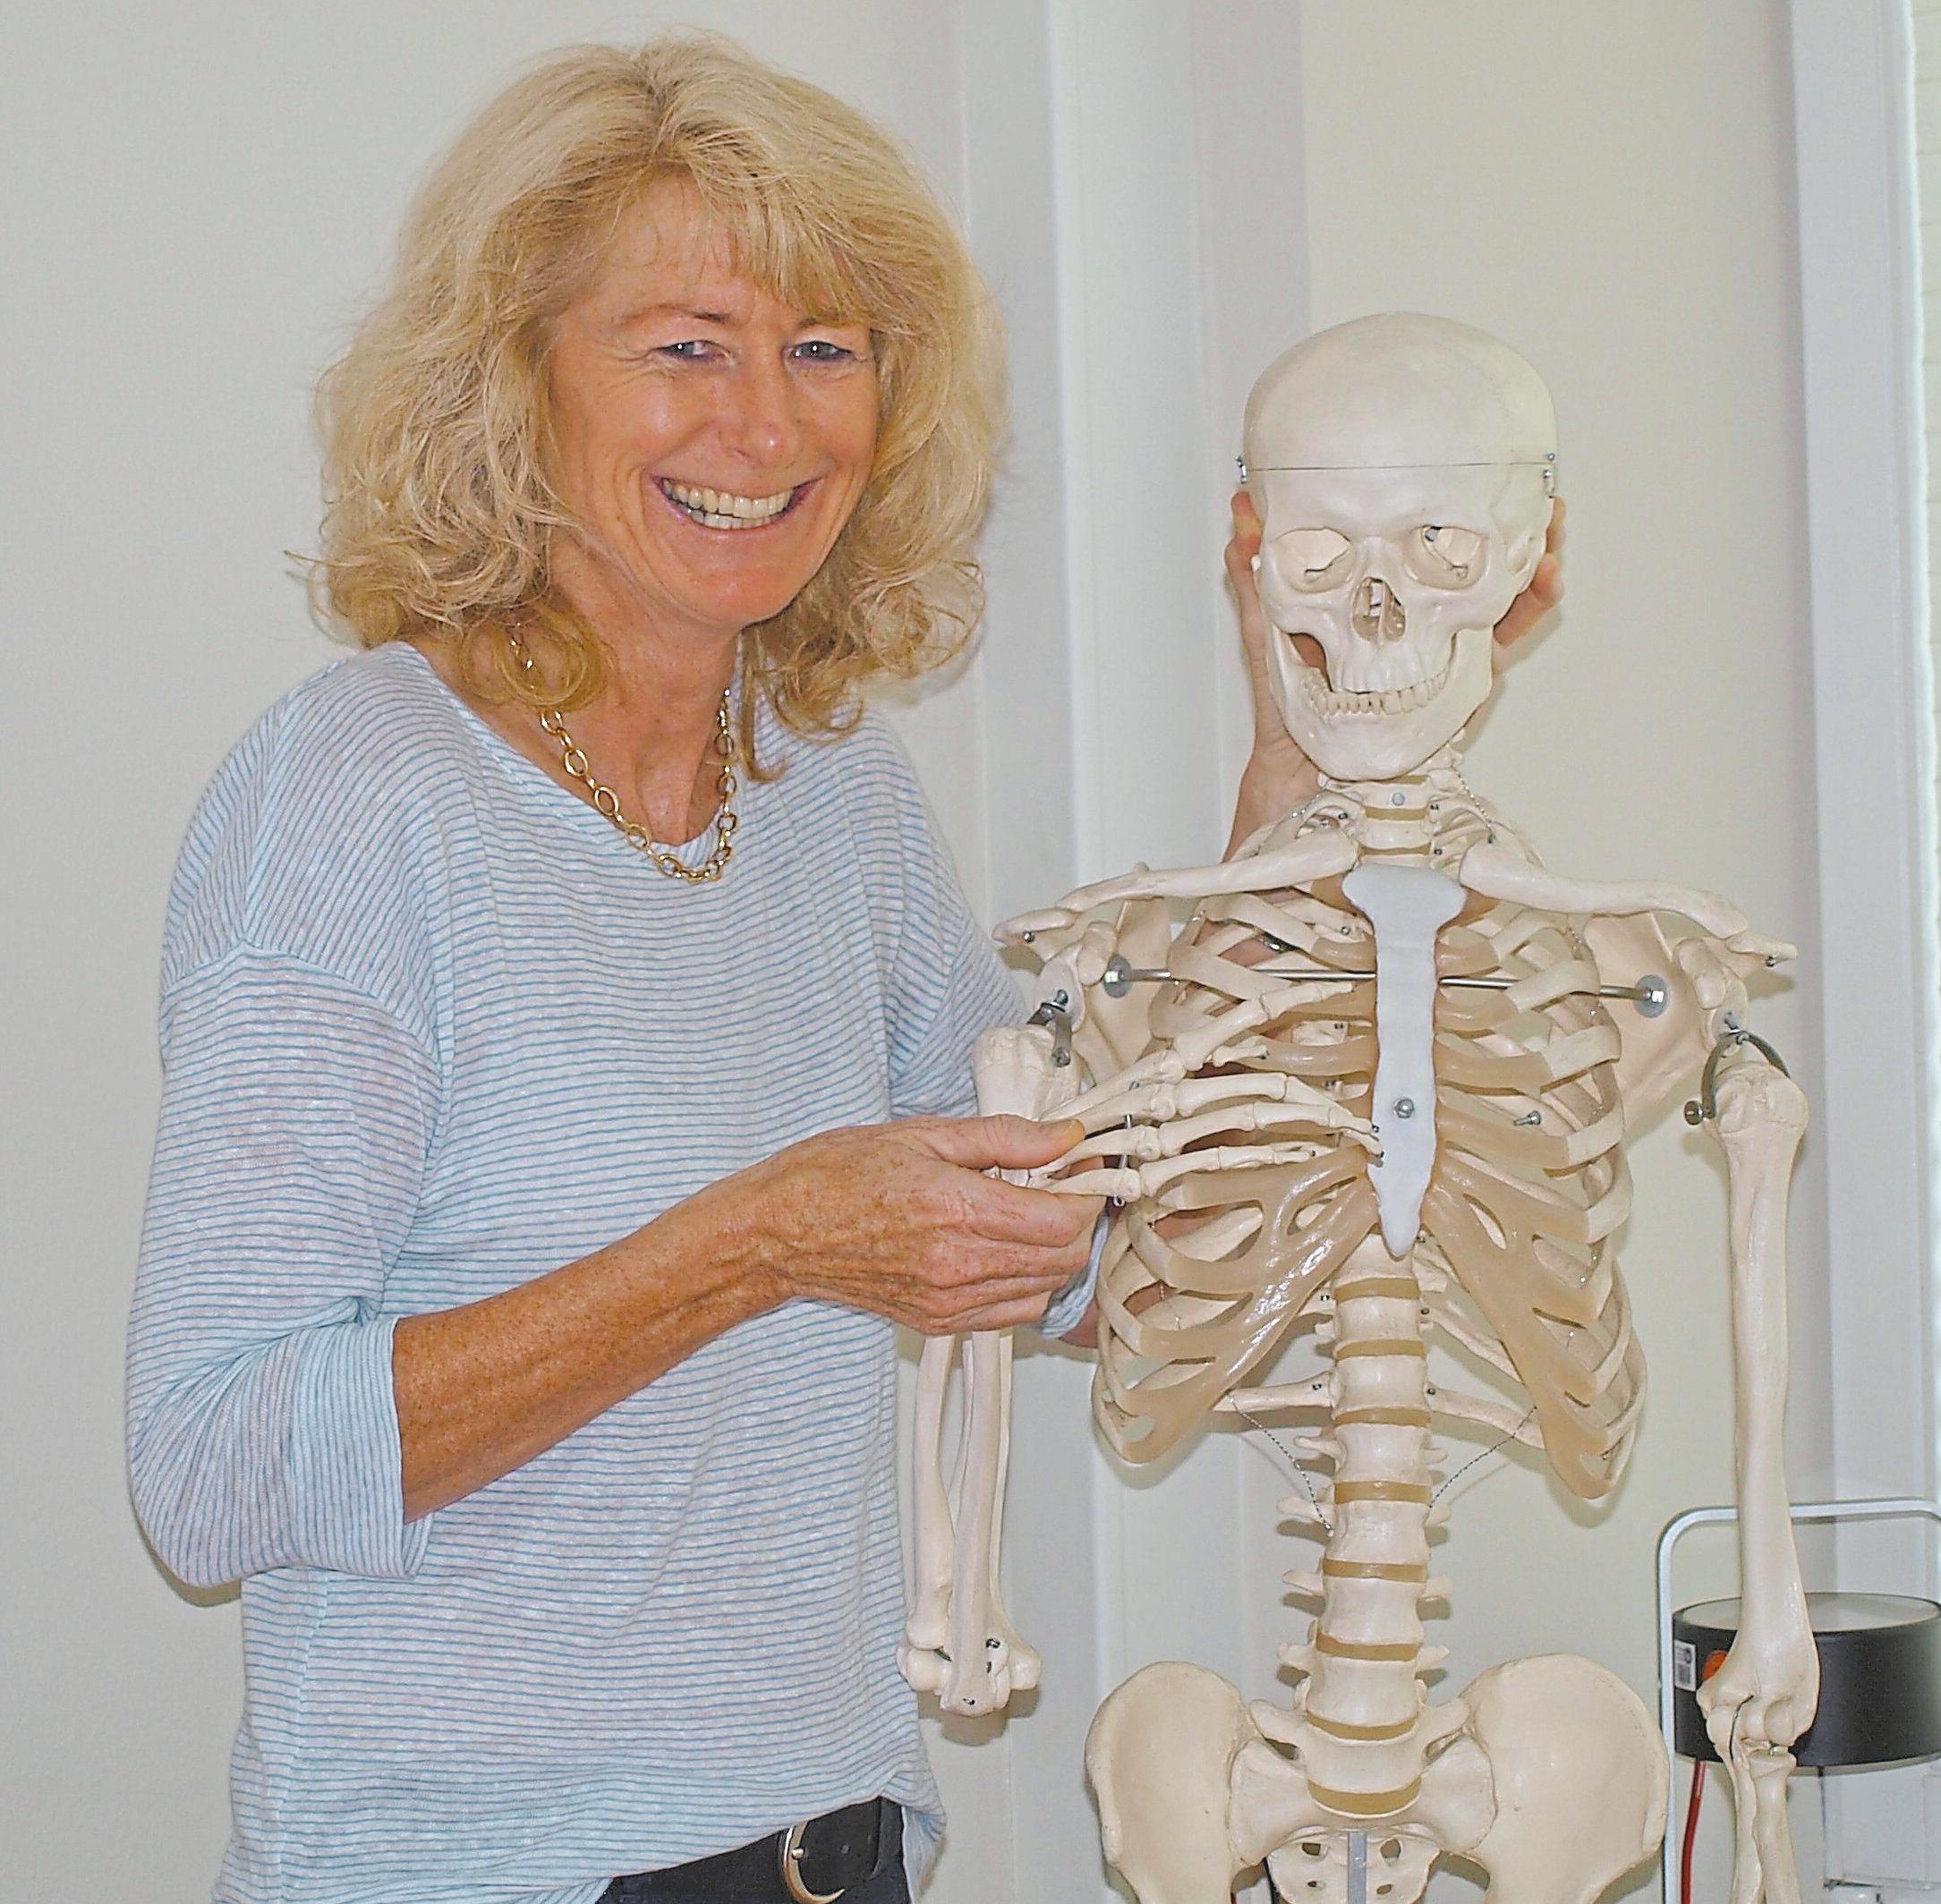 1989 eröffnete Daniela Antretter ihre Physiotherapie-Praxis in Ahlen. Die Mitarbeiter, die sie kurze Zeit später einstellte, begleiten sie zum Teil bis heute. Und auch Hugo, das Skelett, ist seitdem mit an Bord.